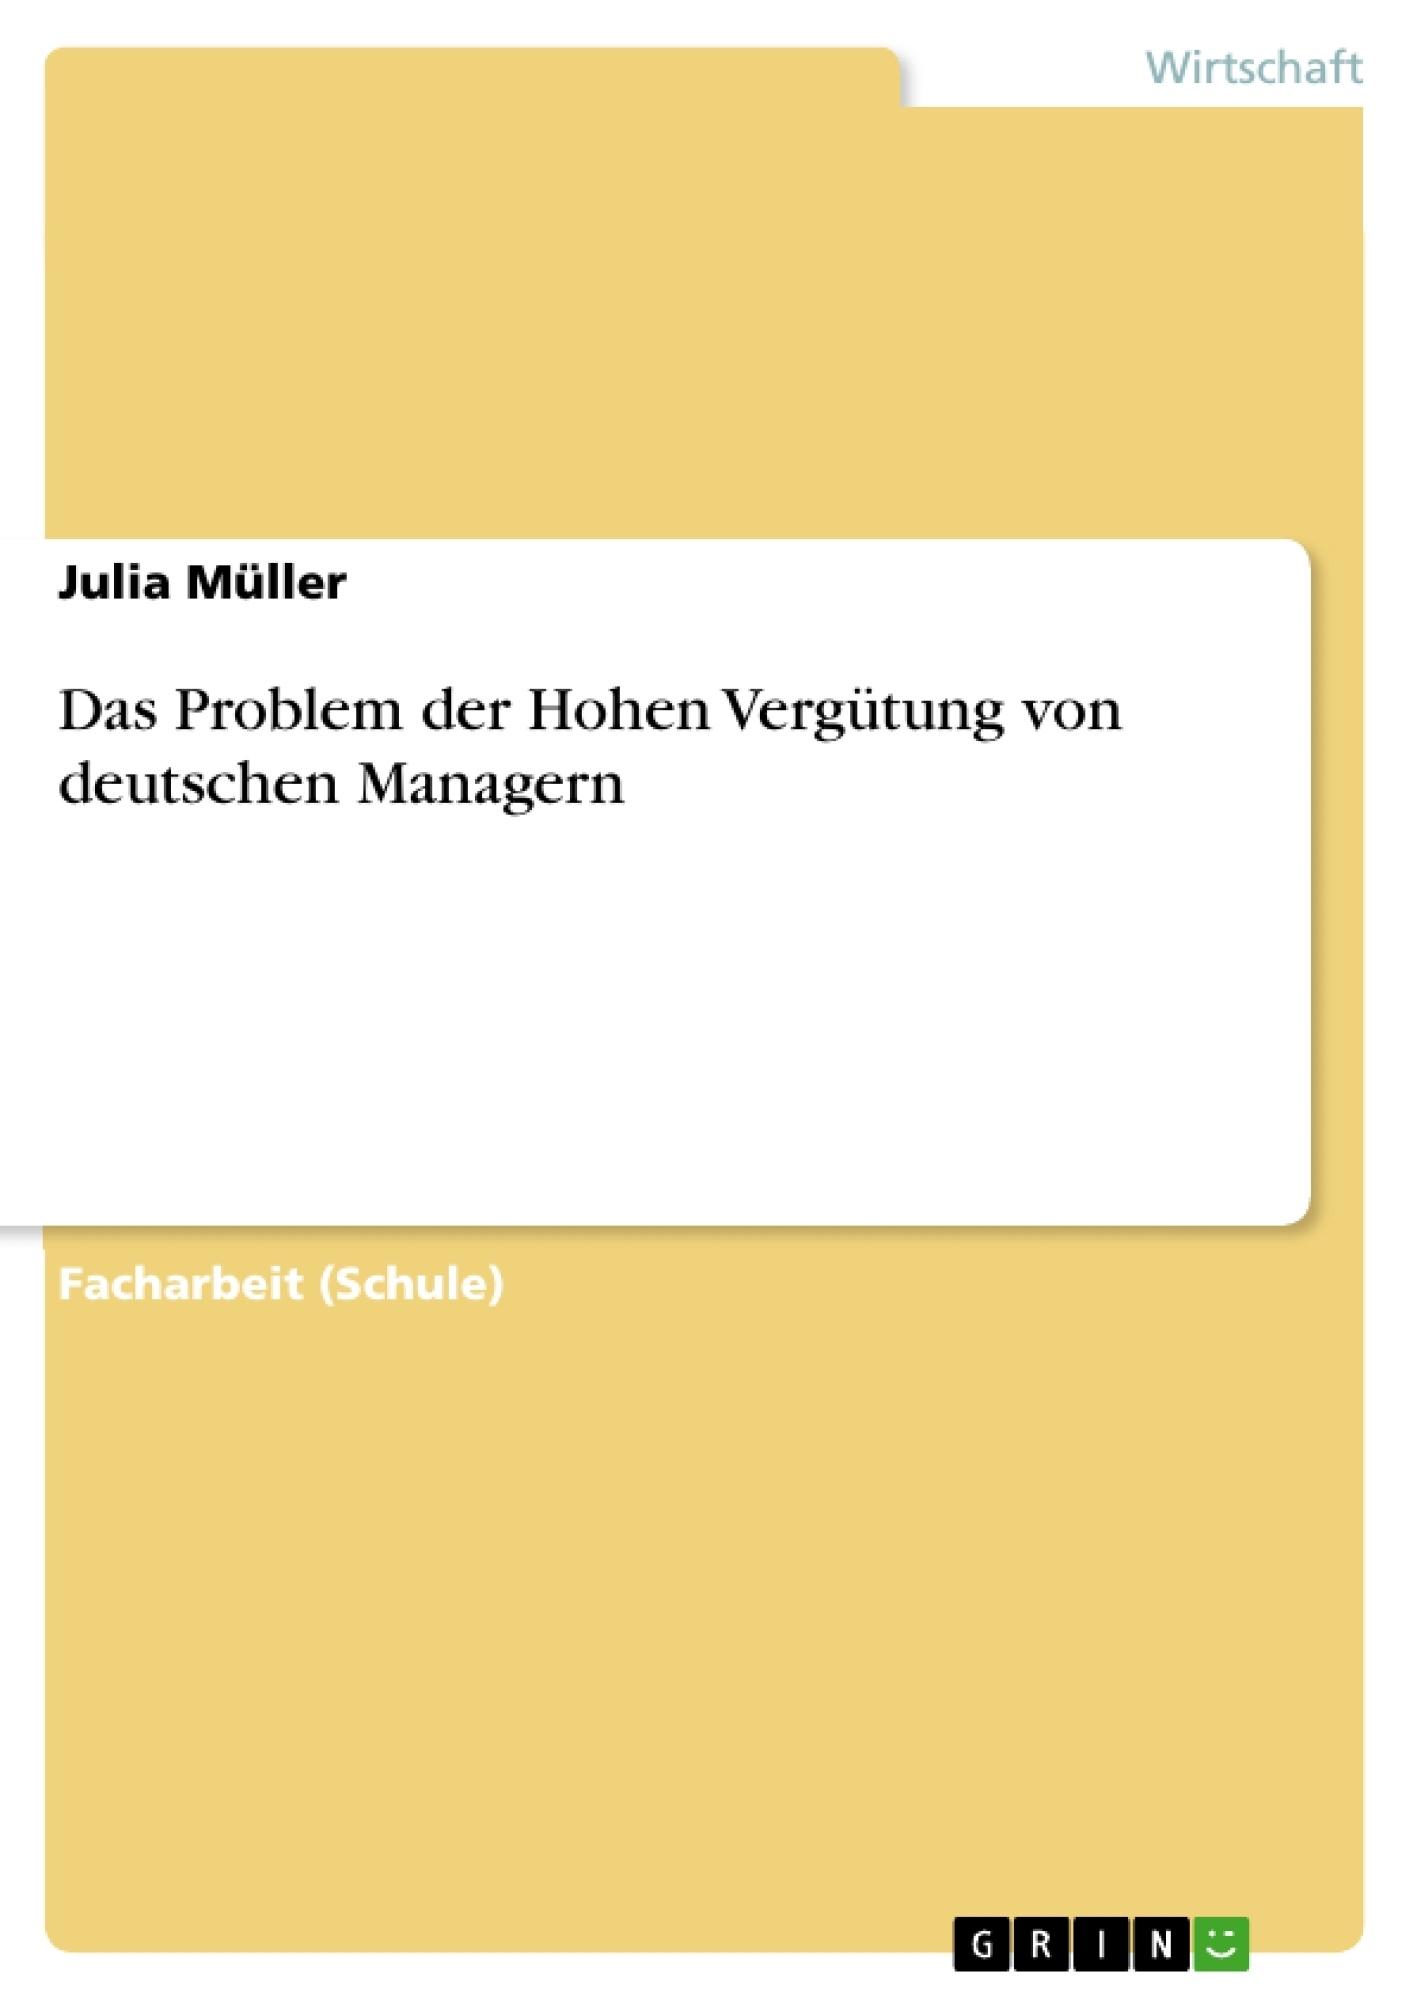 Titel: Das Problem der Hohen Vergütung von deutschen Managern